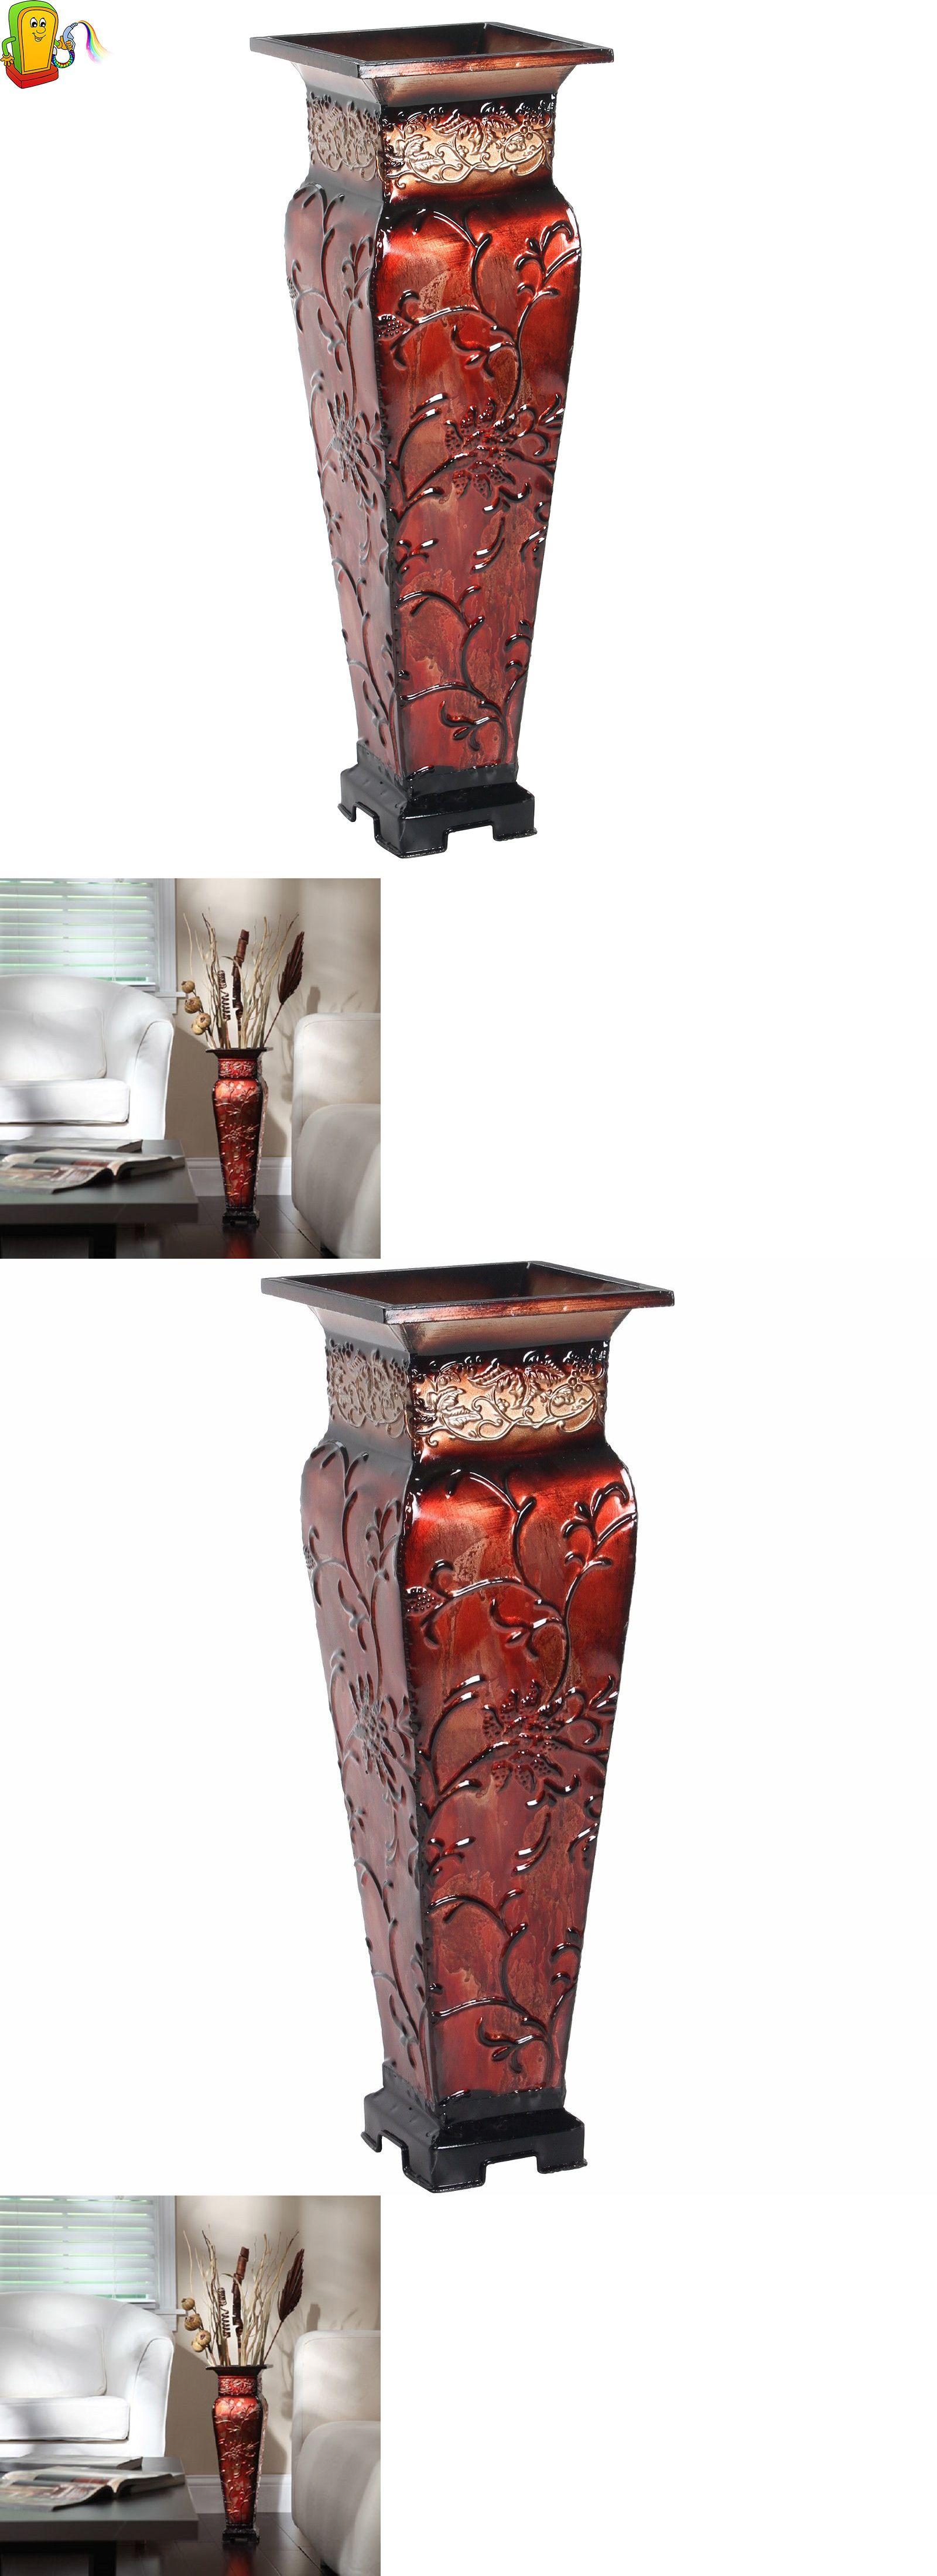 Vases 101415 metal square floor vase small decorative red gold vases 101415 metal square floor vase small decorative red gold floral display elegant decor reviewsmspy